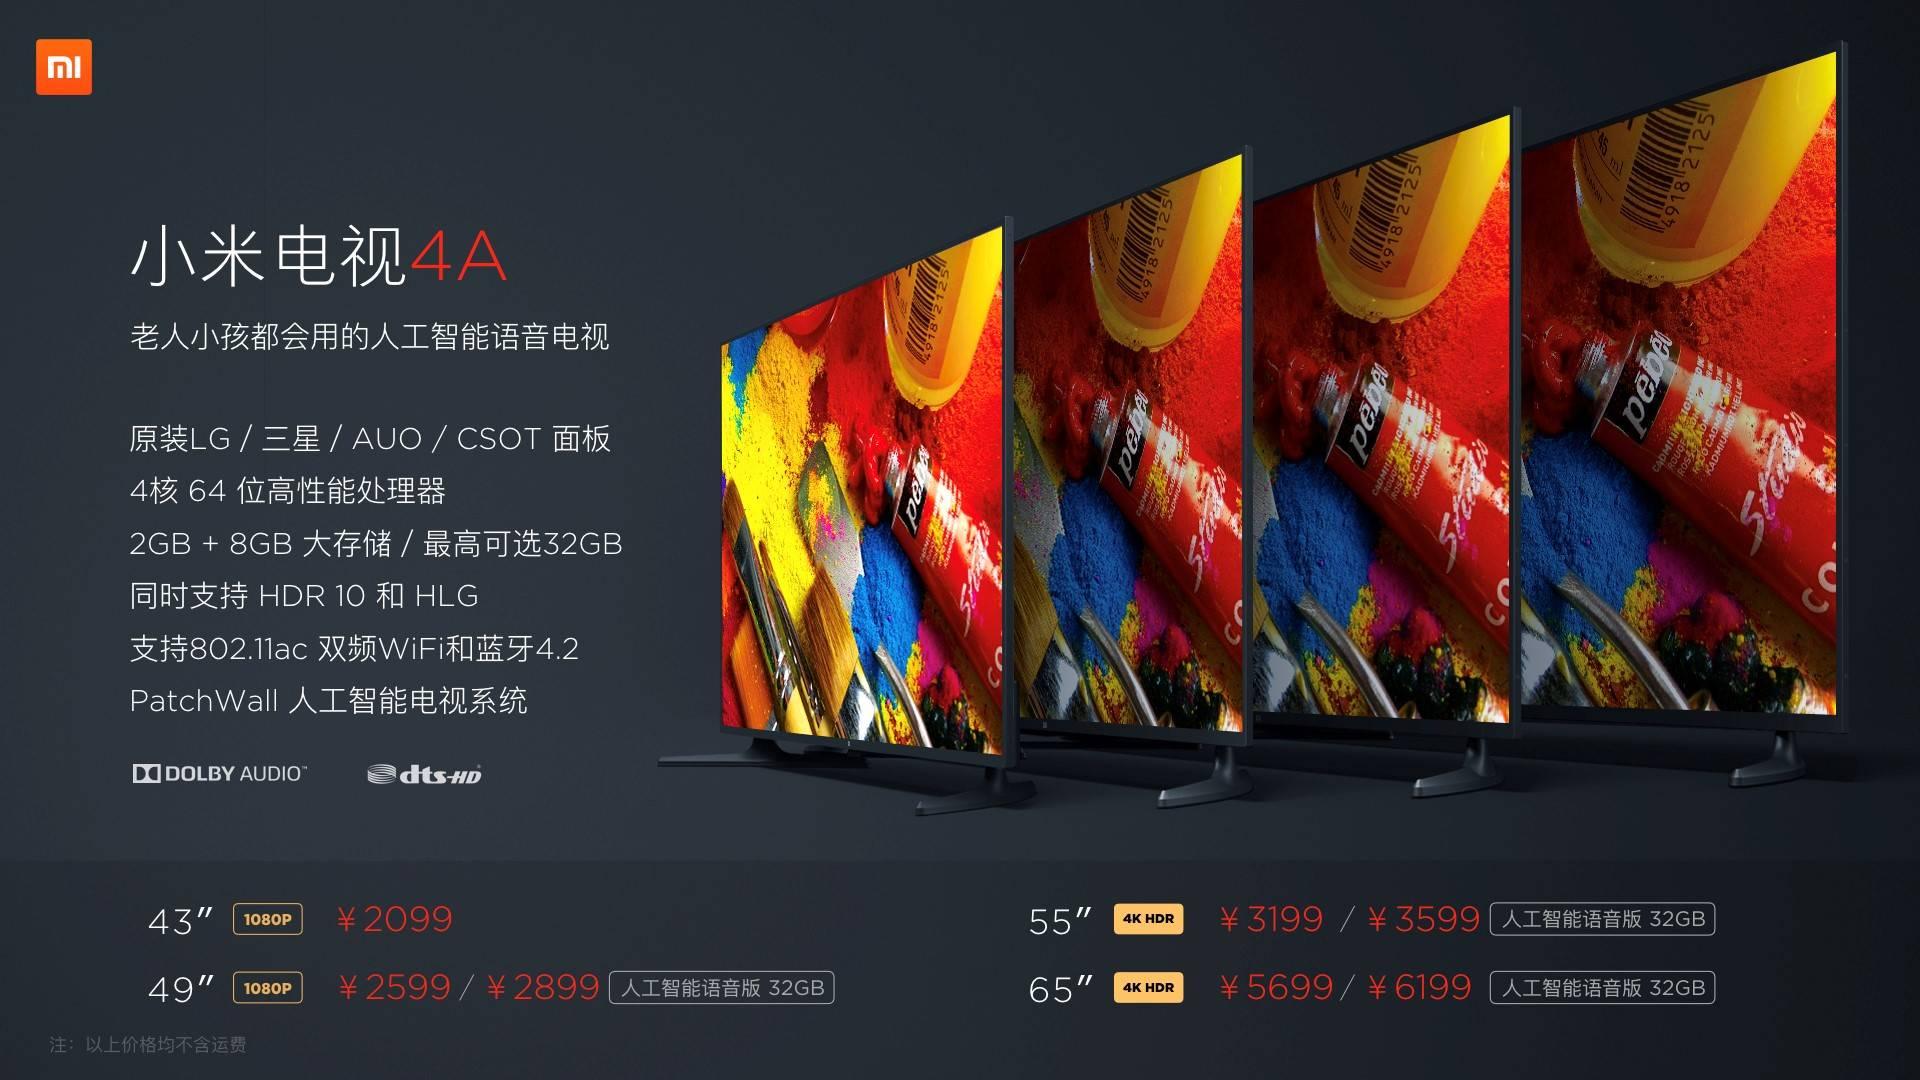 小米发布「听话」的4A系列电视:人工智能语音技术落地新应用